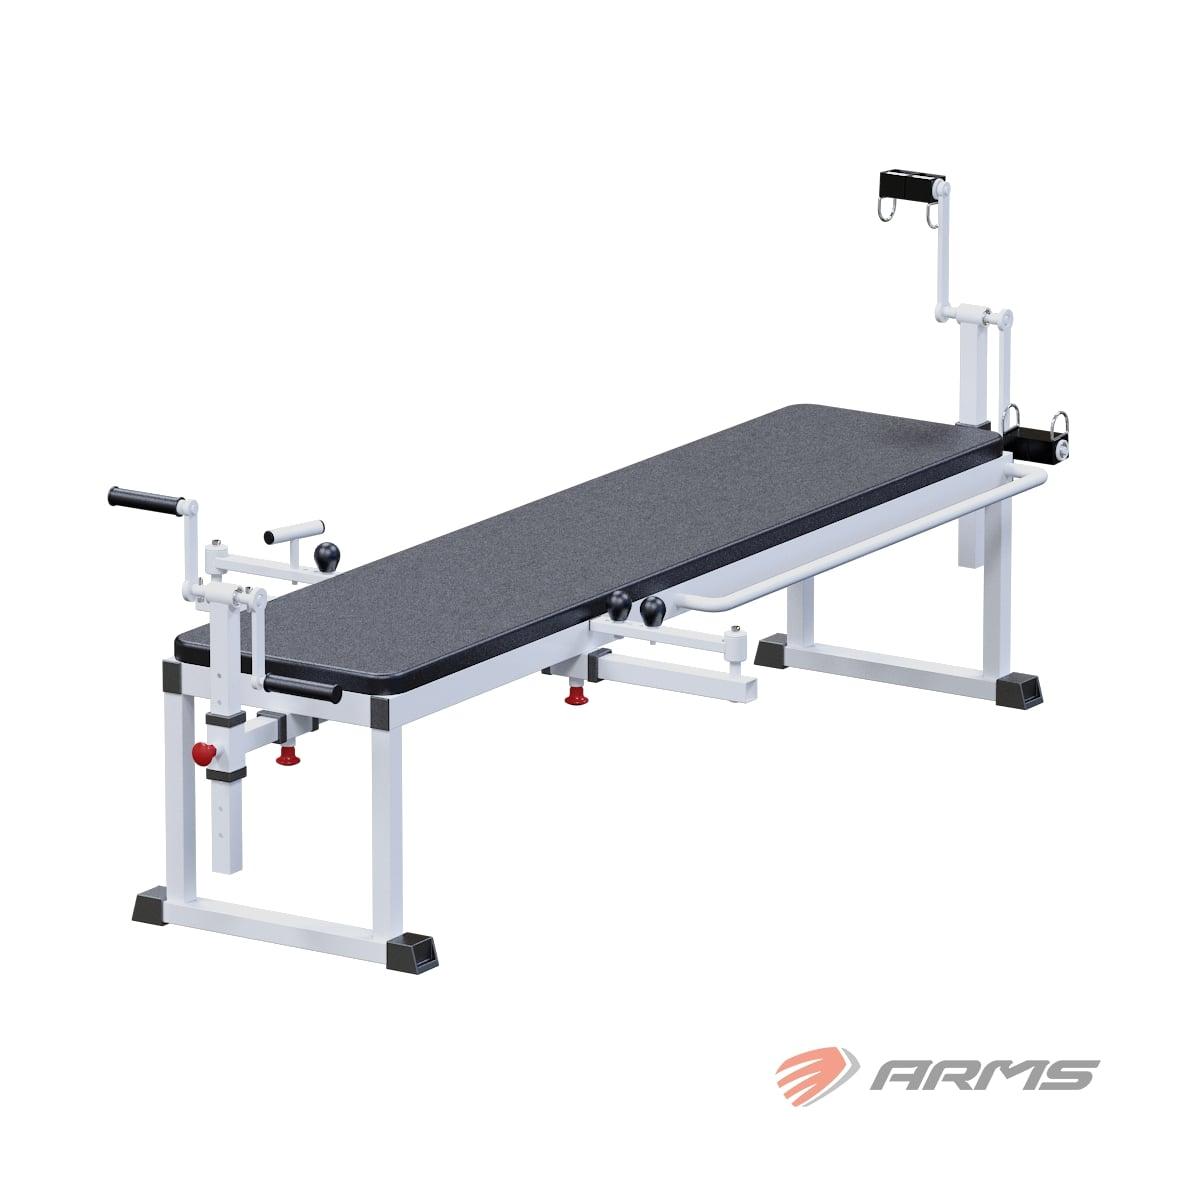 Тренажер для инвалидов ARMS ТИК1 Кушетка универсал 1 Кушетка с вращением фото